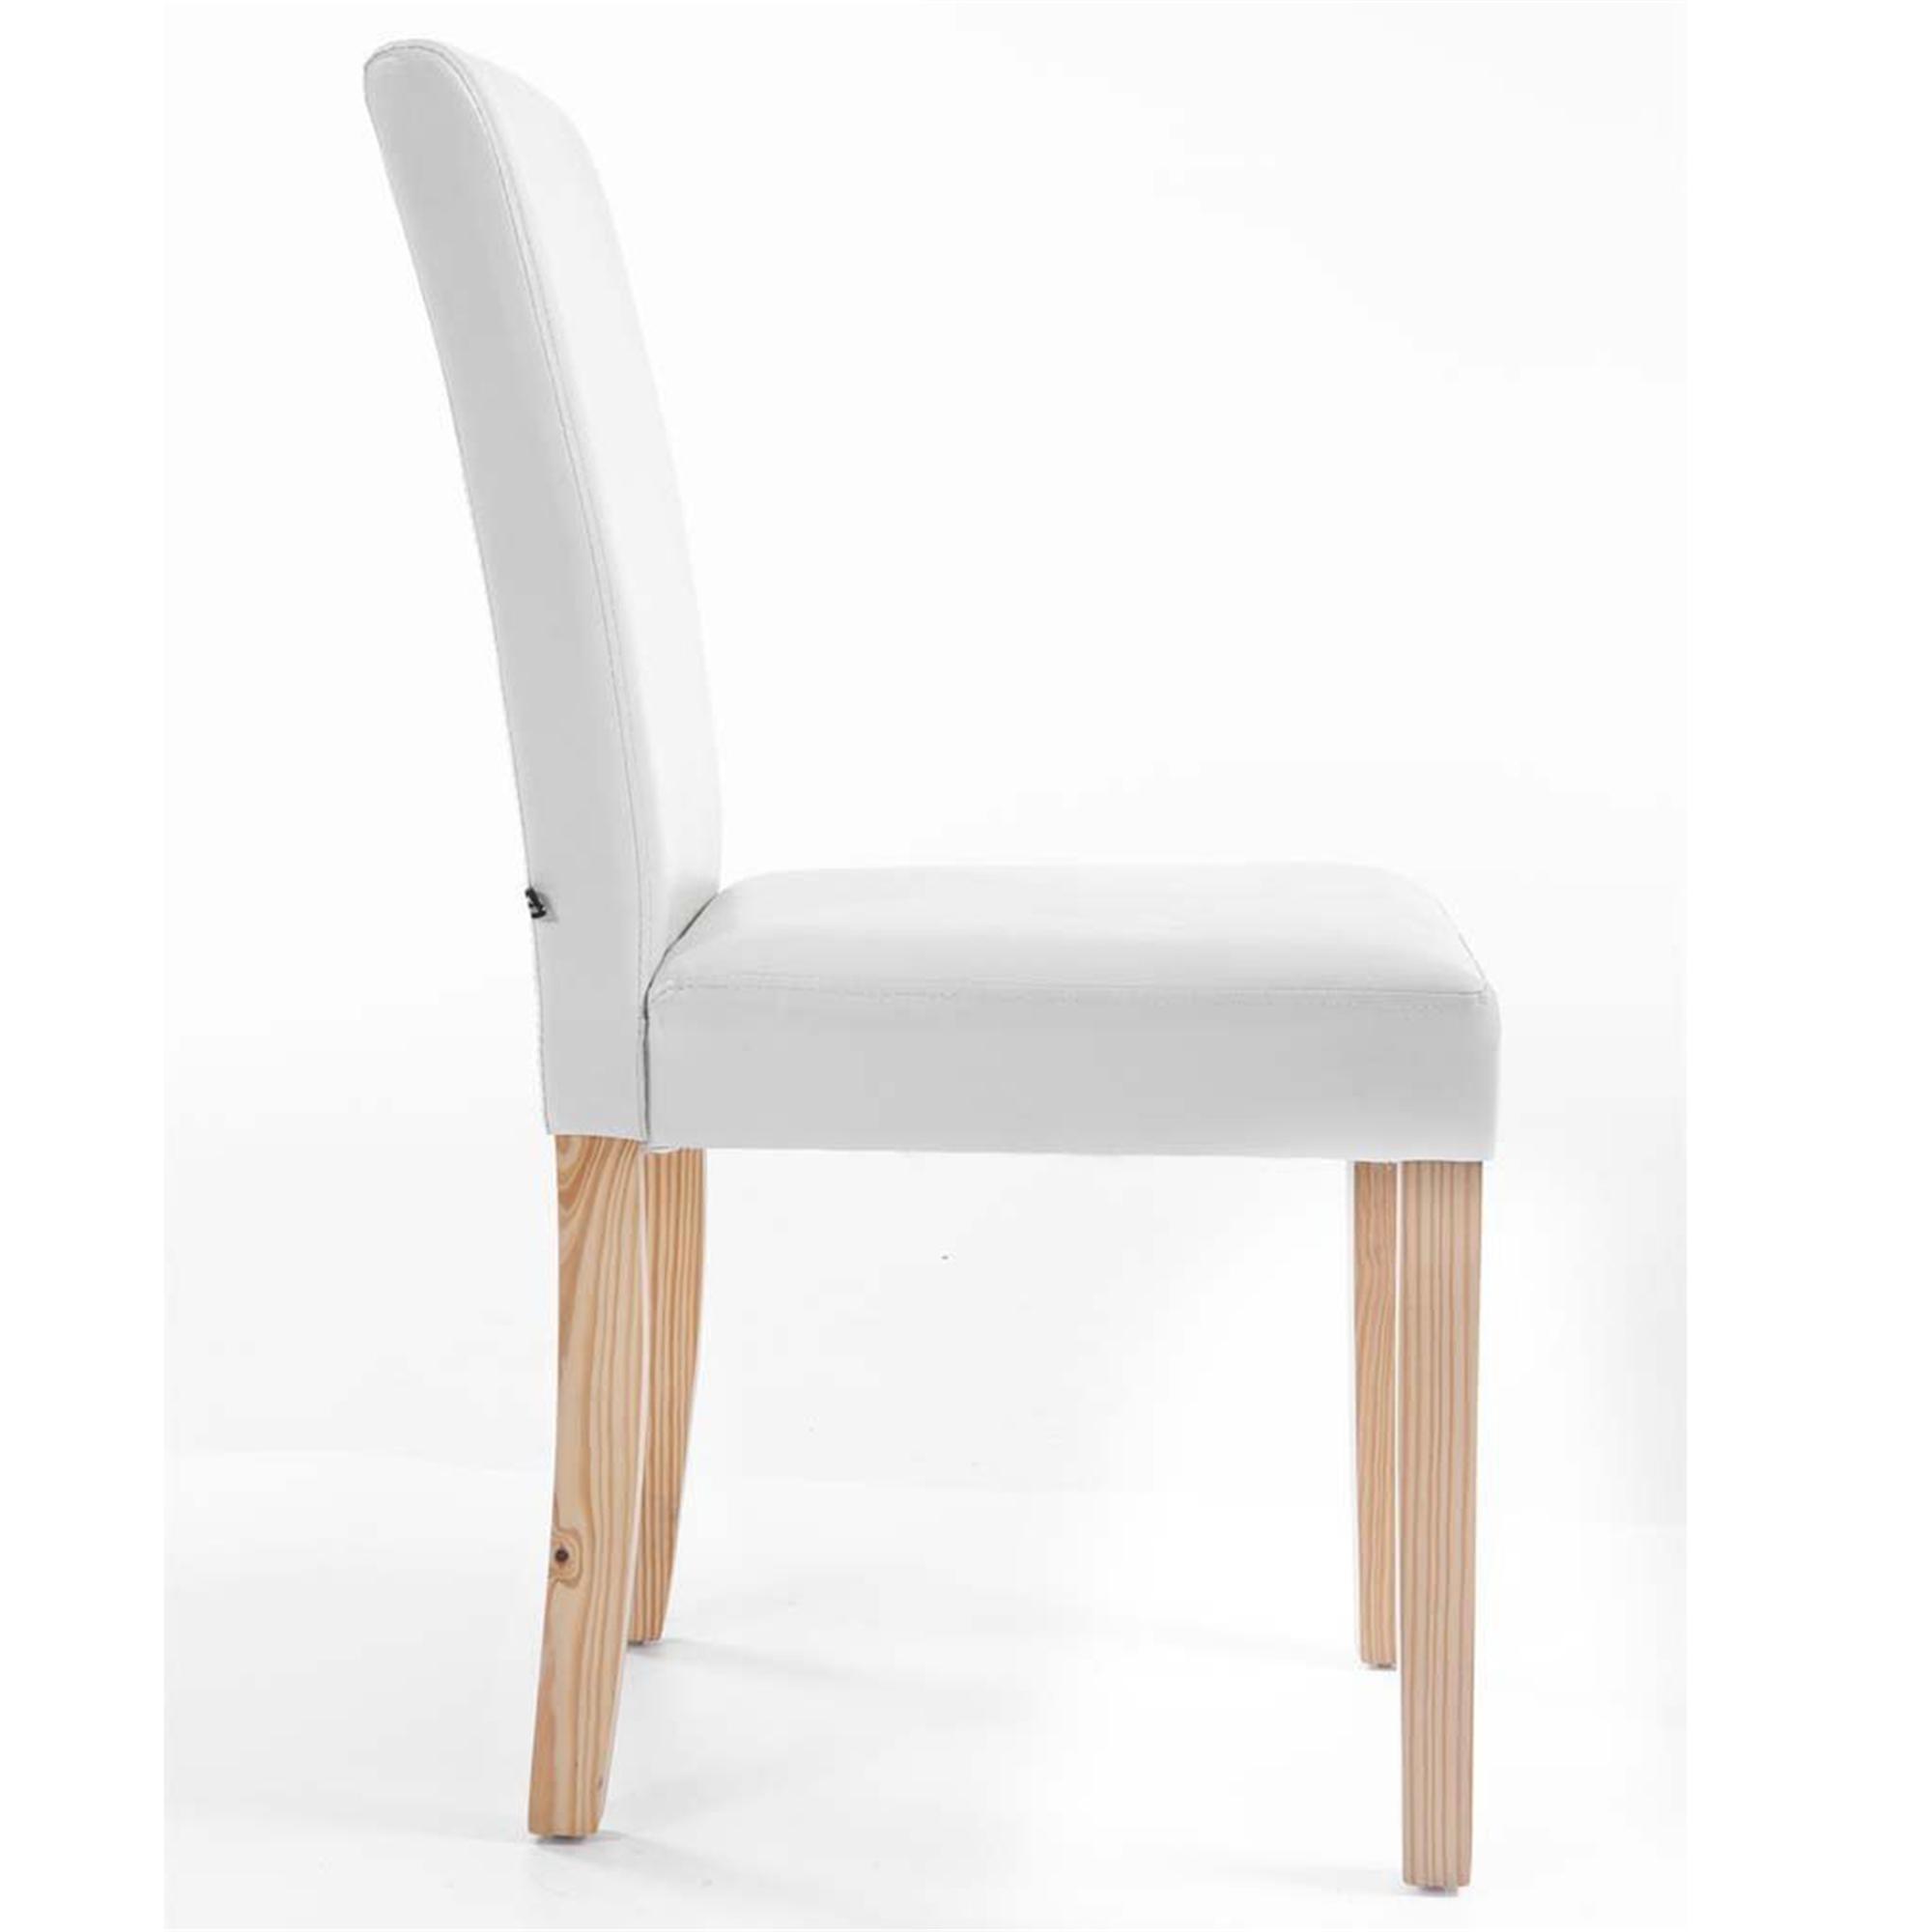 Lote de 2 sillas de comedor capri muy c modas y robustas for Sillas de comedor comodas